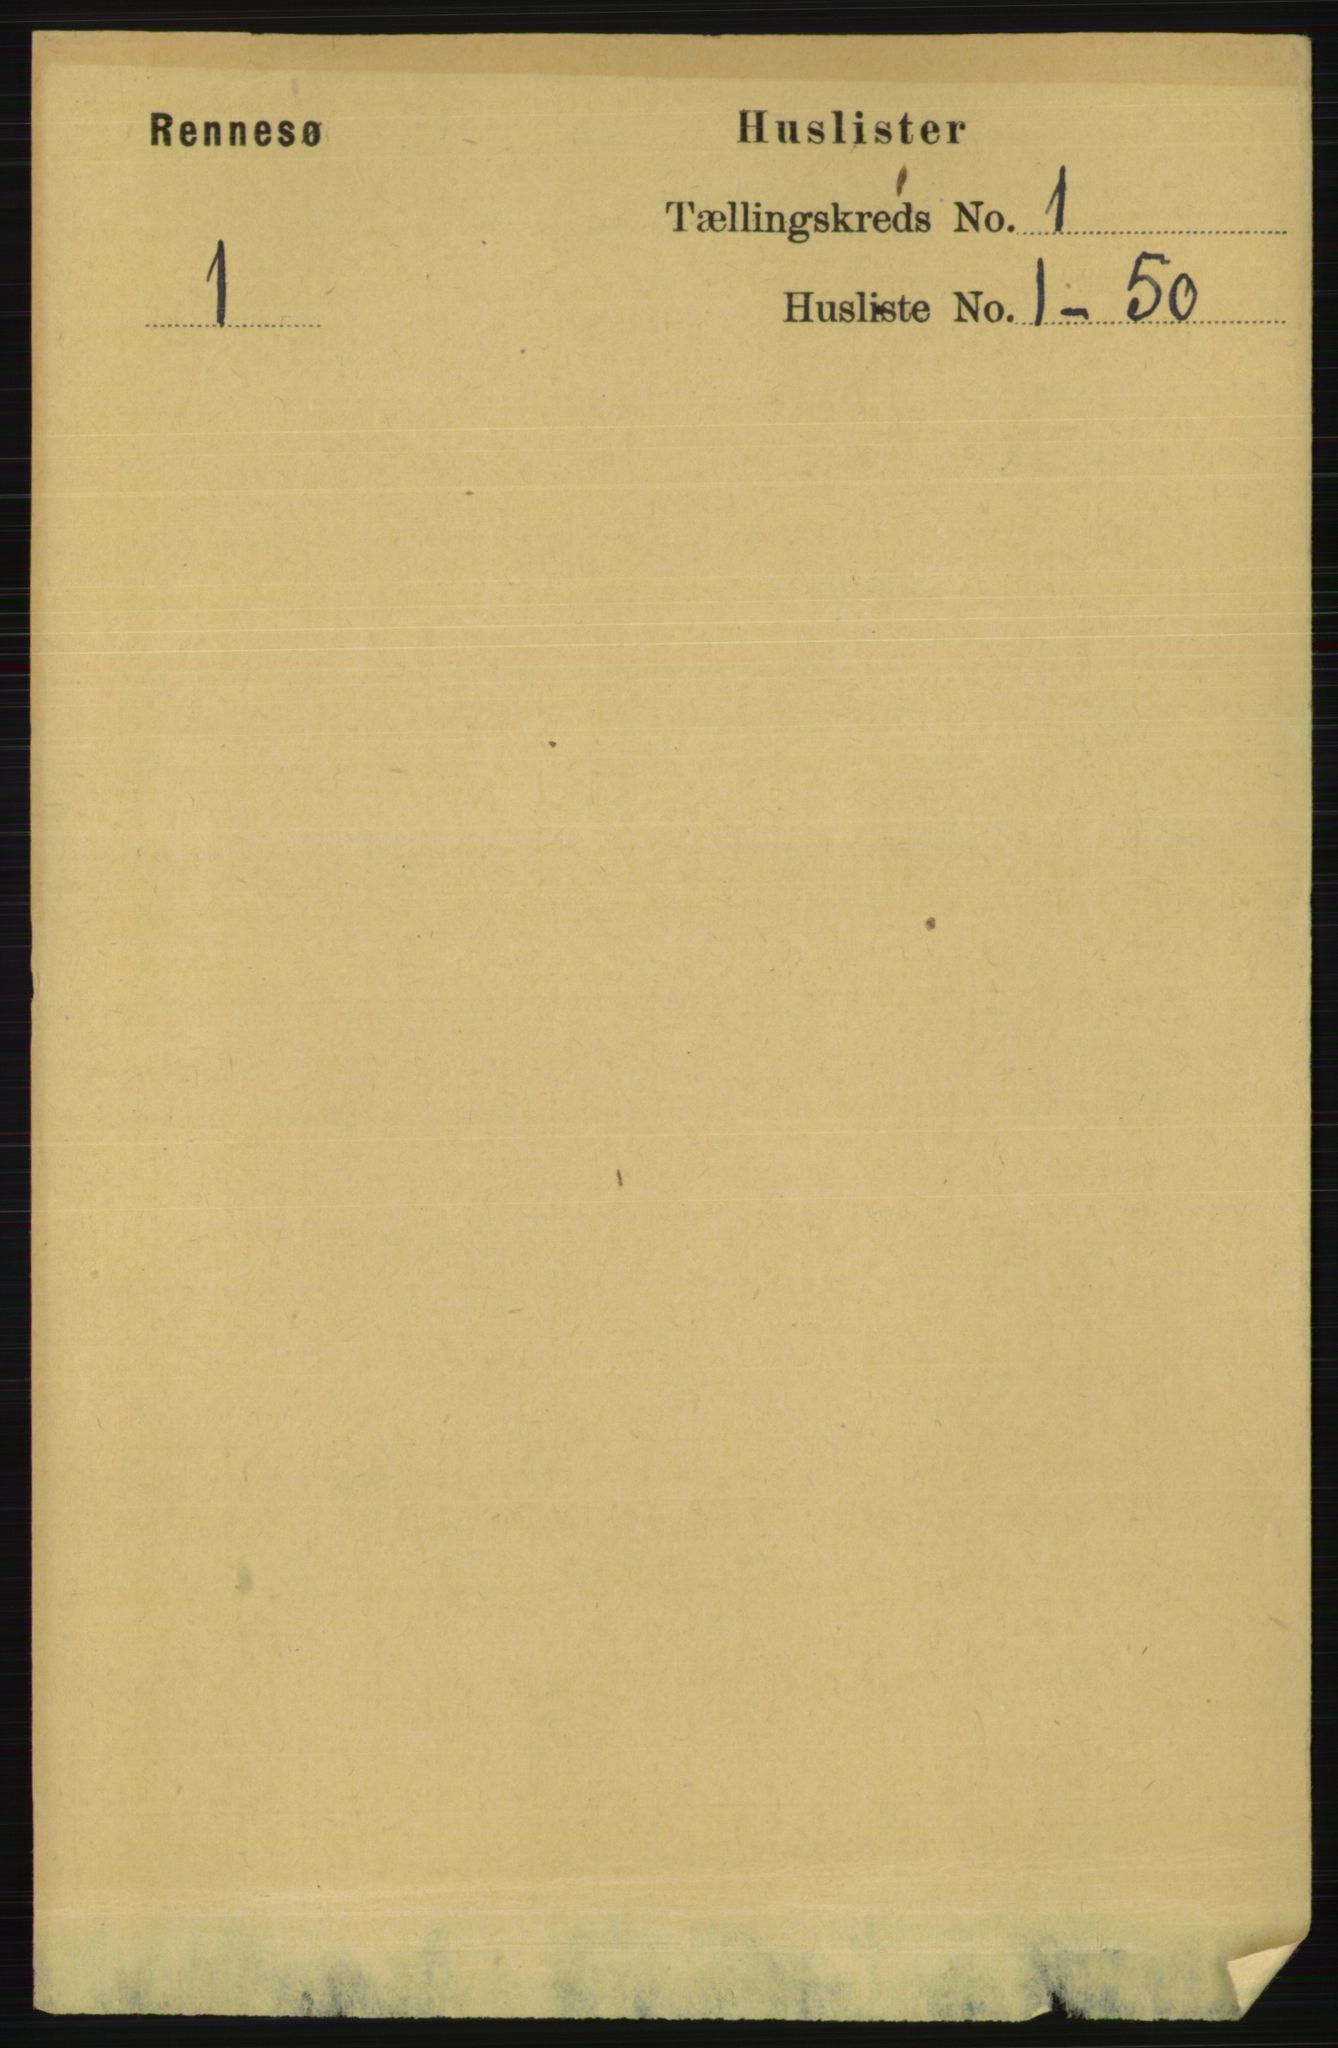 RA, Folketelling 1891 for 1142 Rennesøy herred, 1891, s. 11